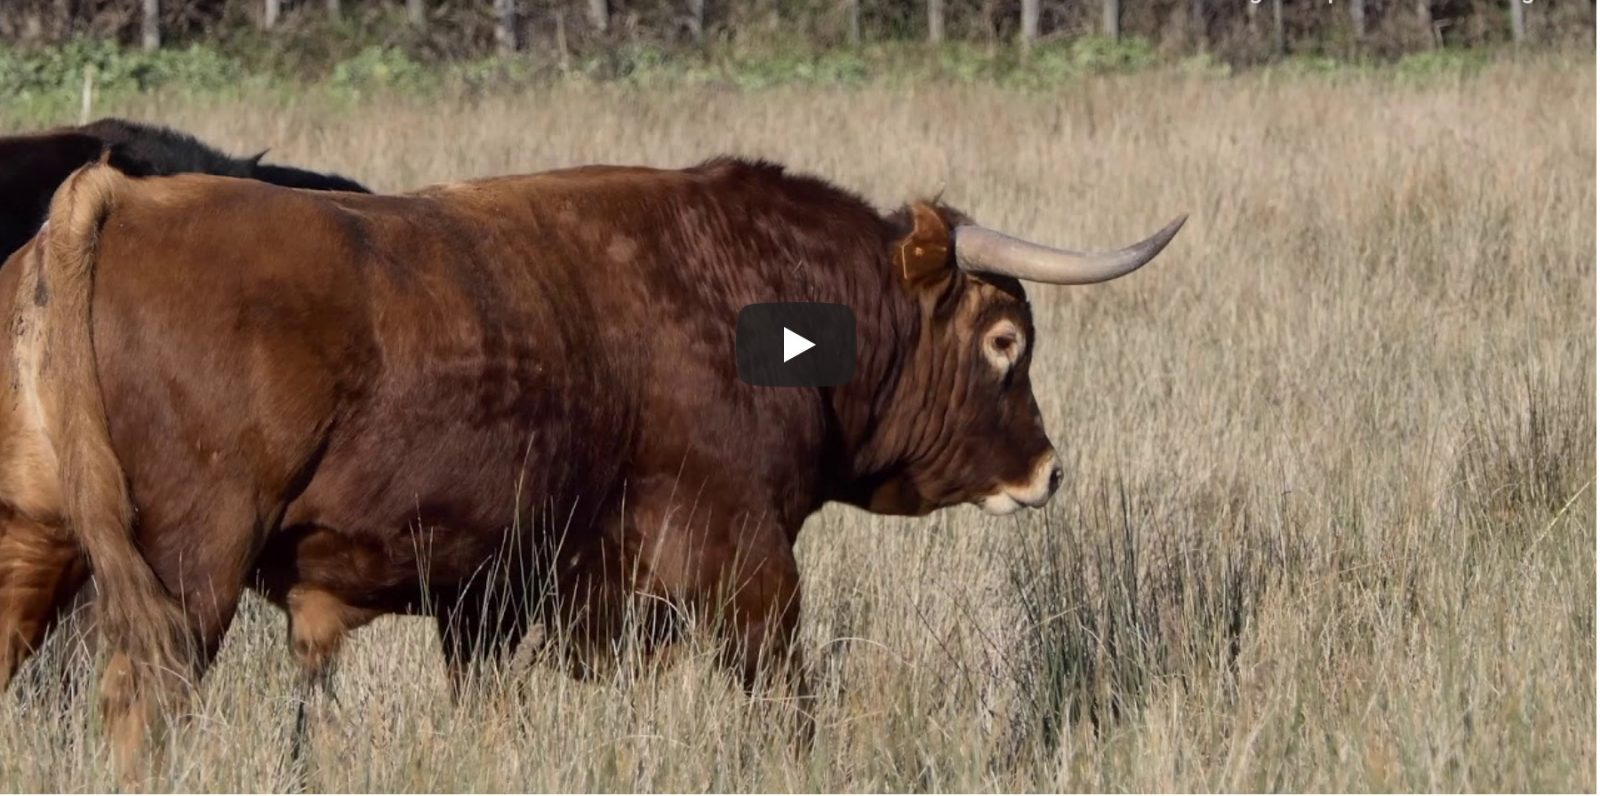 VIDEO // Les toros de Vic-Fezensac 2019